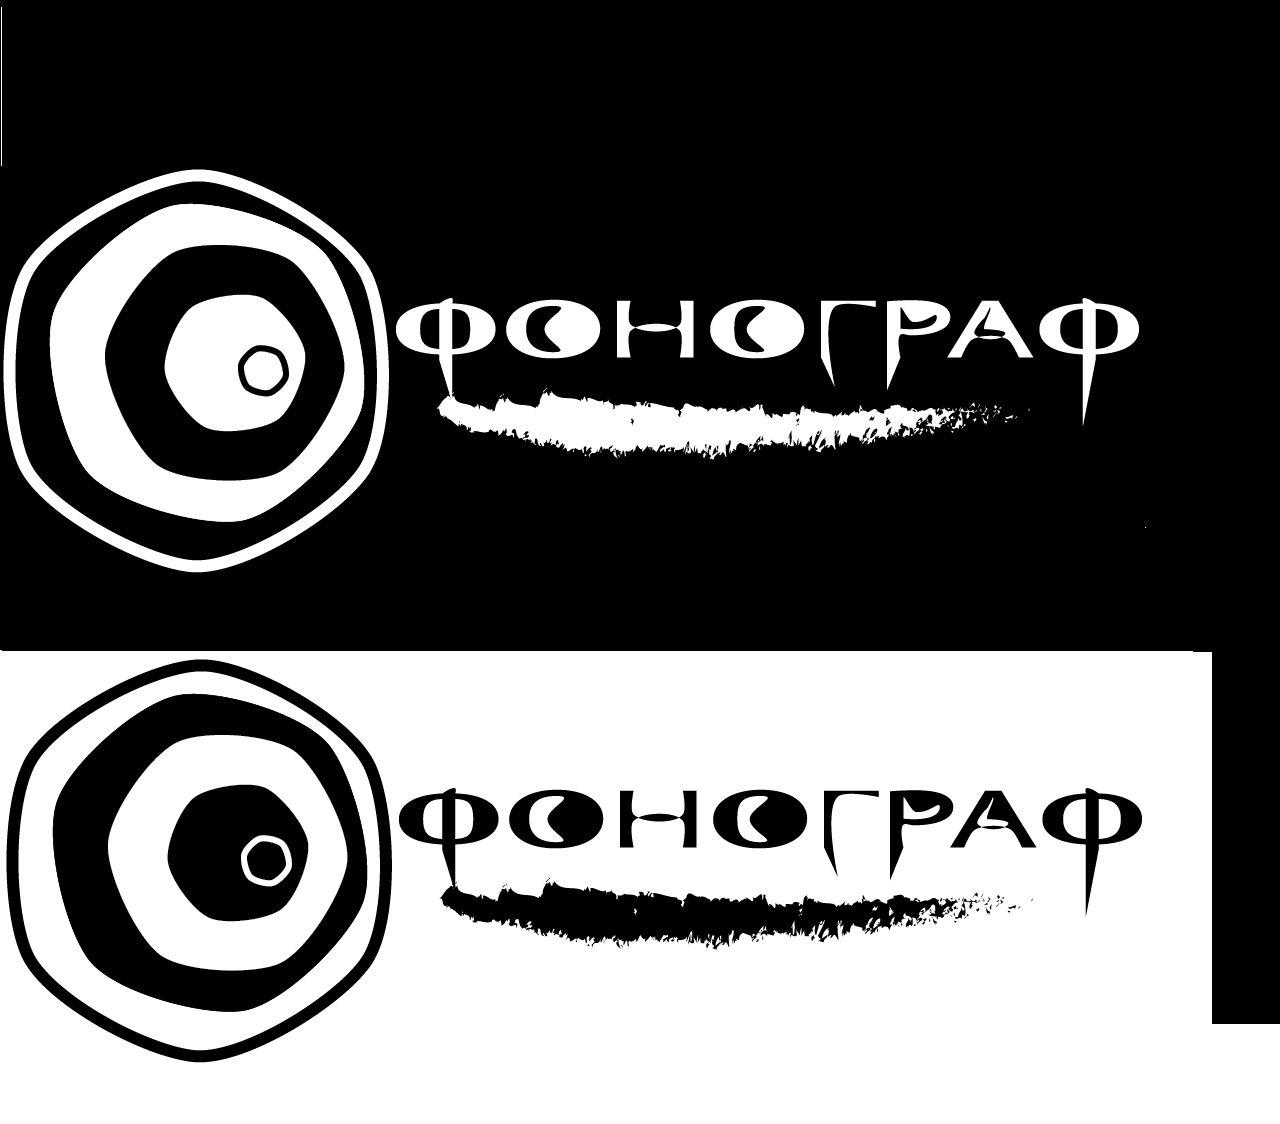 Лого и ФС для магазина аудиотехники - дизайнер GVV